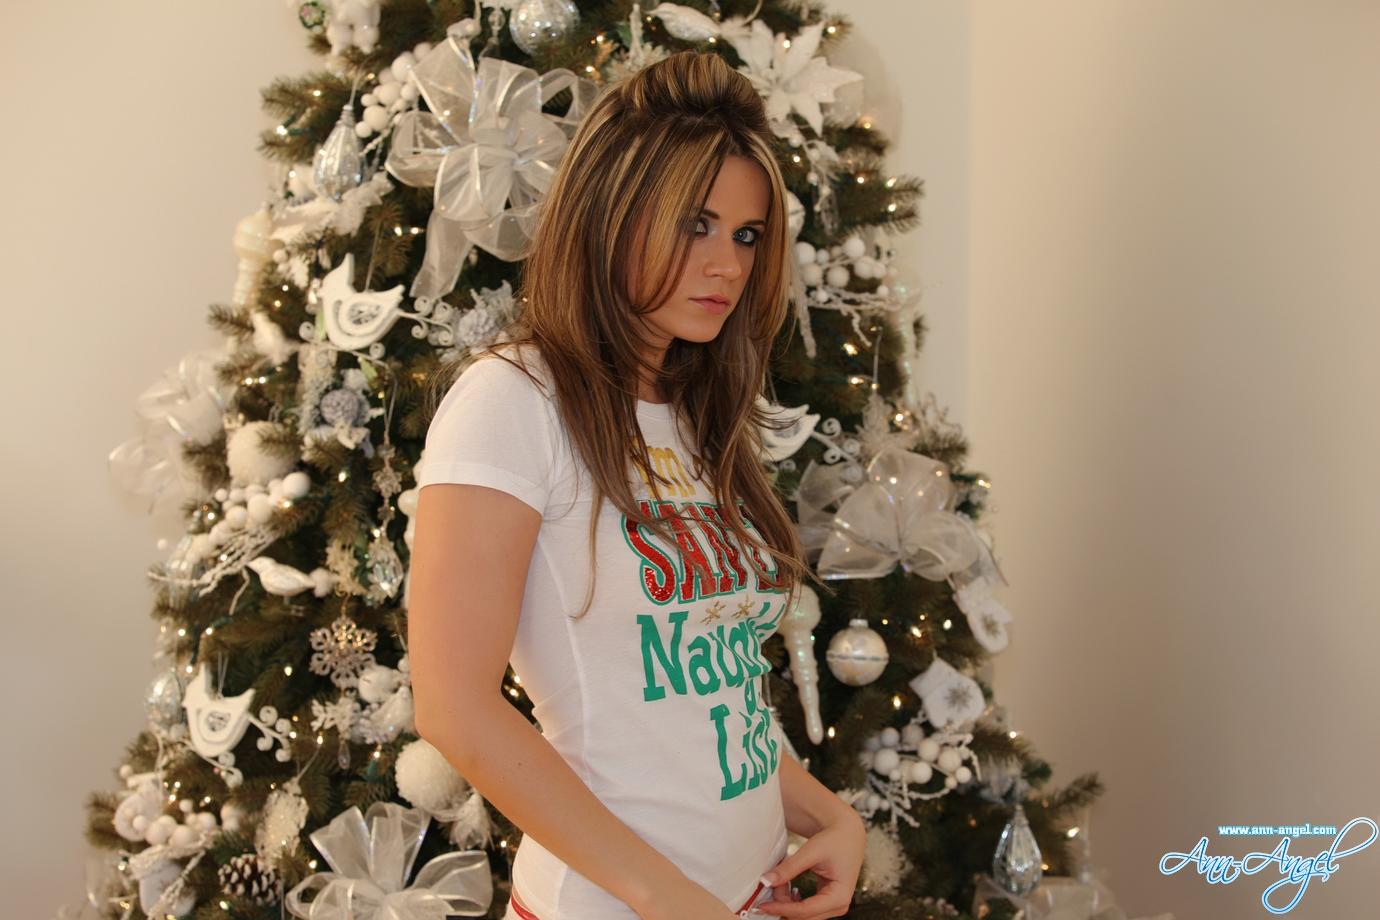 ann-angel-xmas-nude-blode-christmas-tree-01